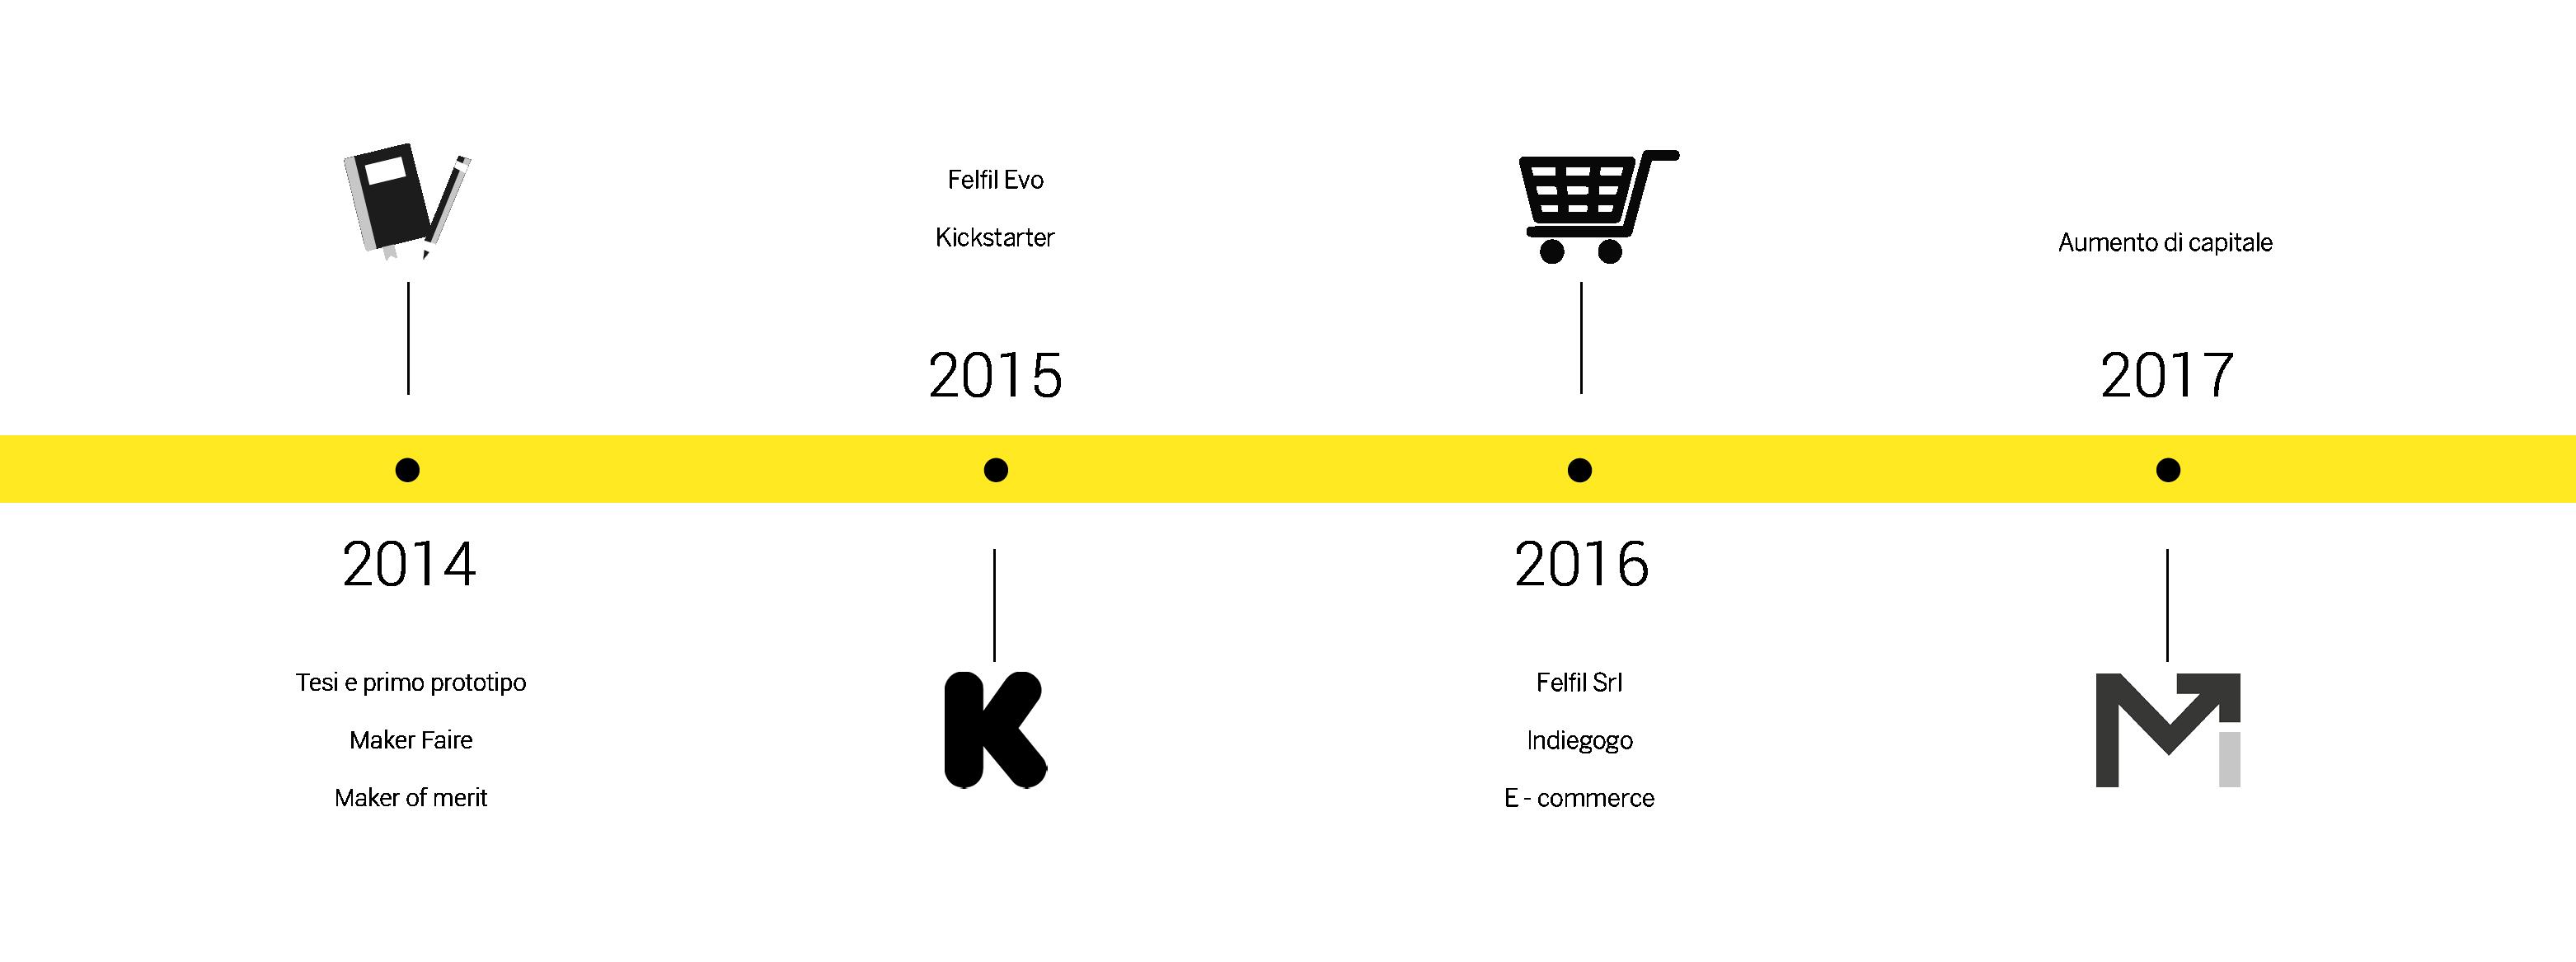 Timeline startup Felfil Srl